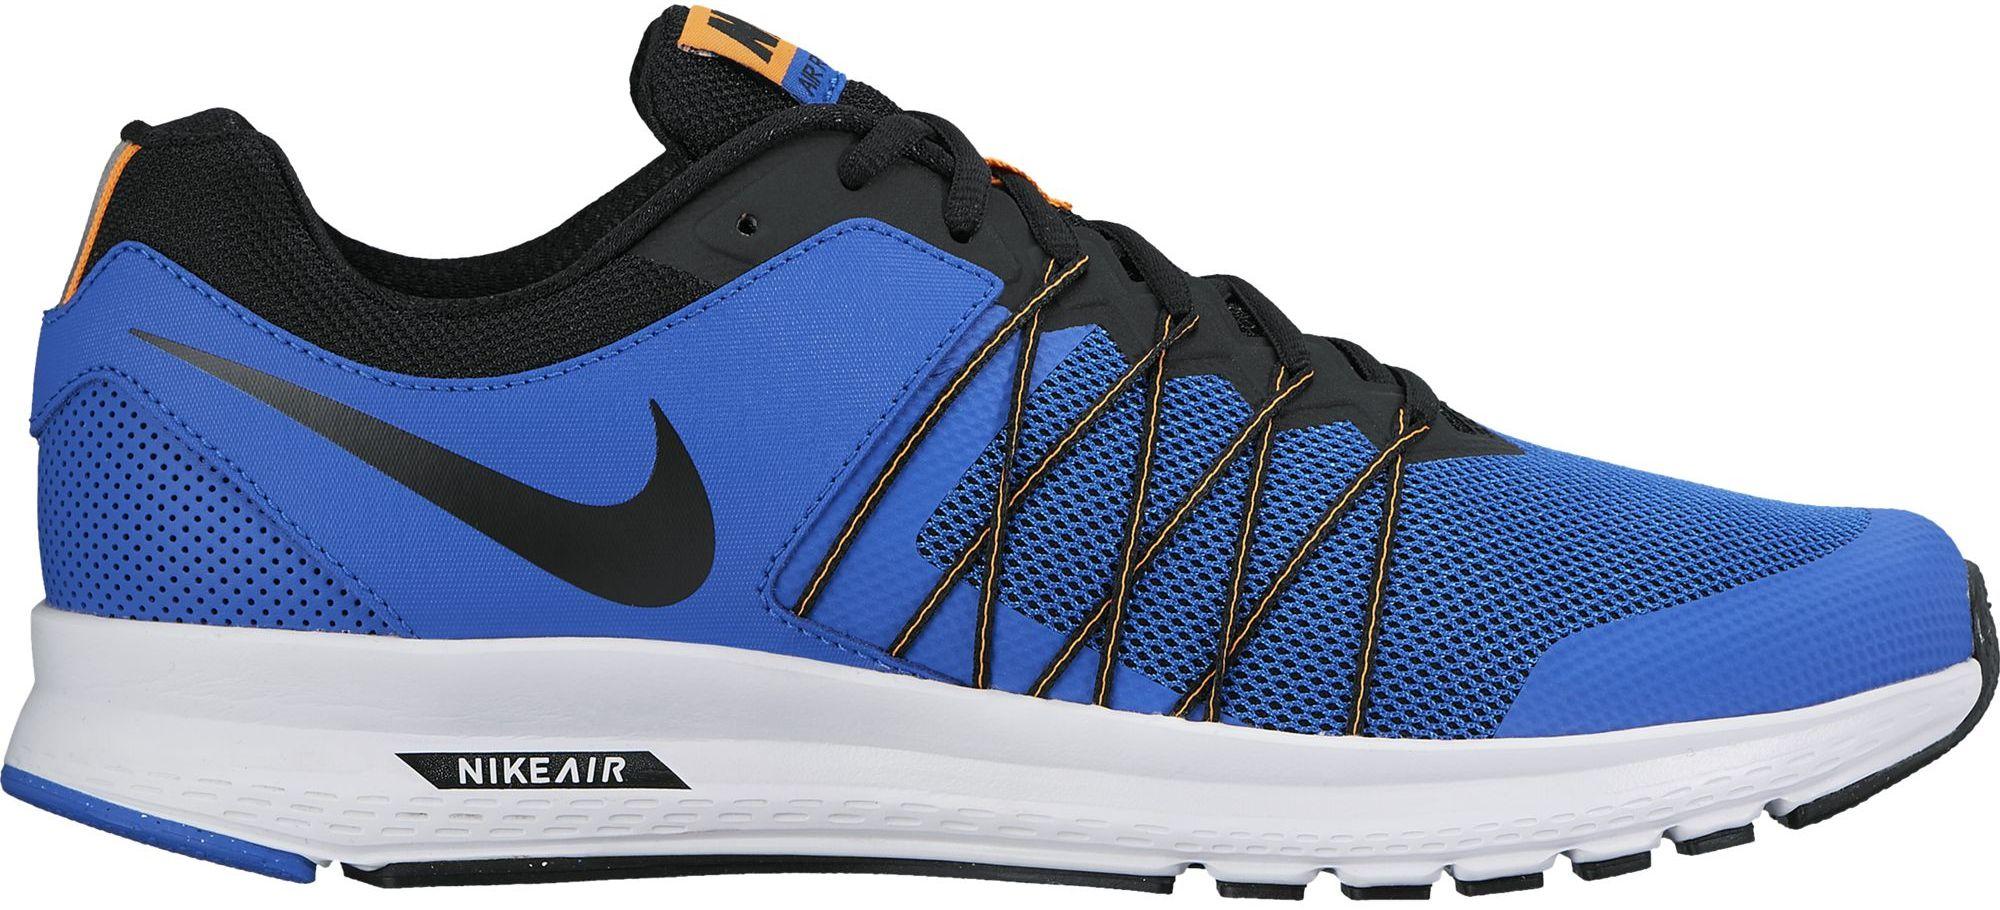 best authentic 2c3fe 4ec04 Nike AIR RELENTLESS 6 | sportisimo.com